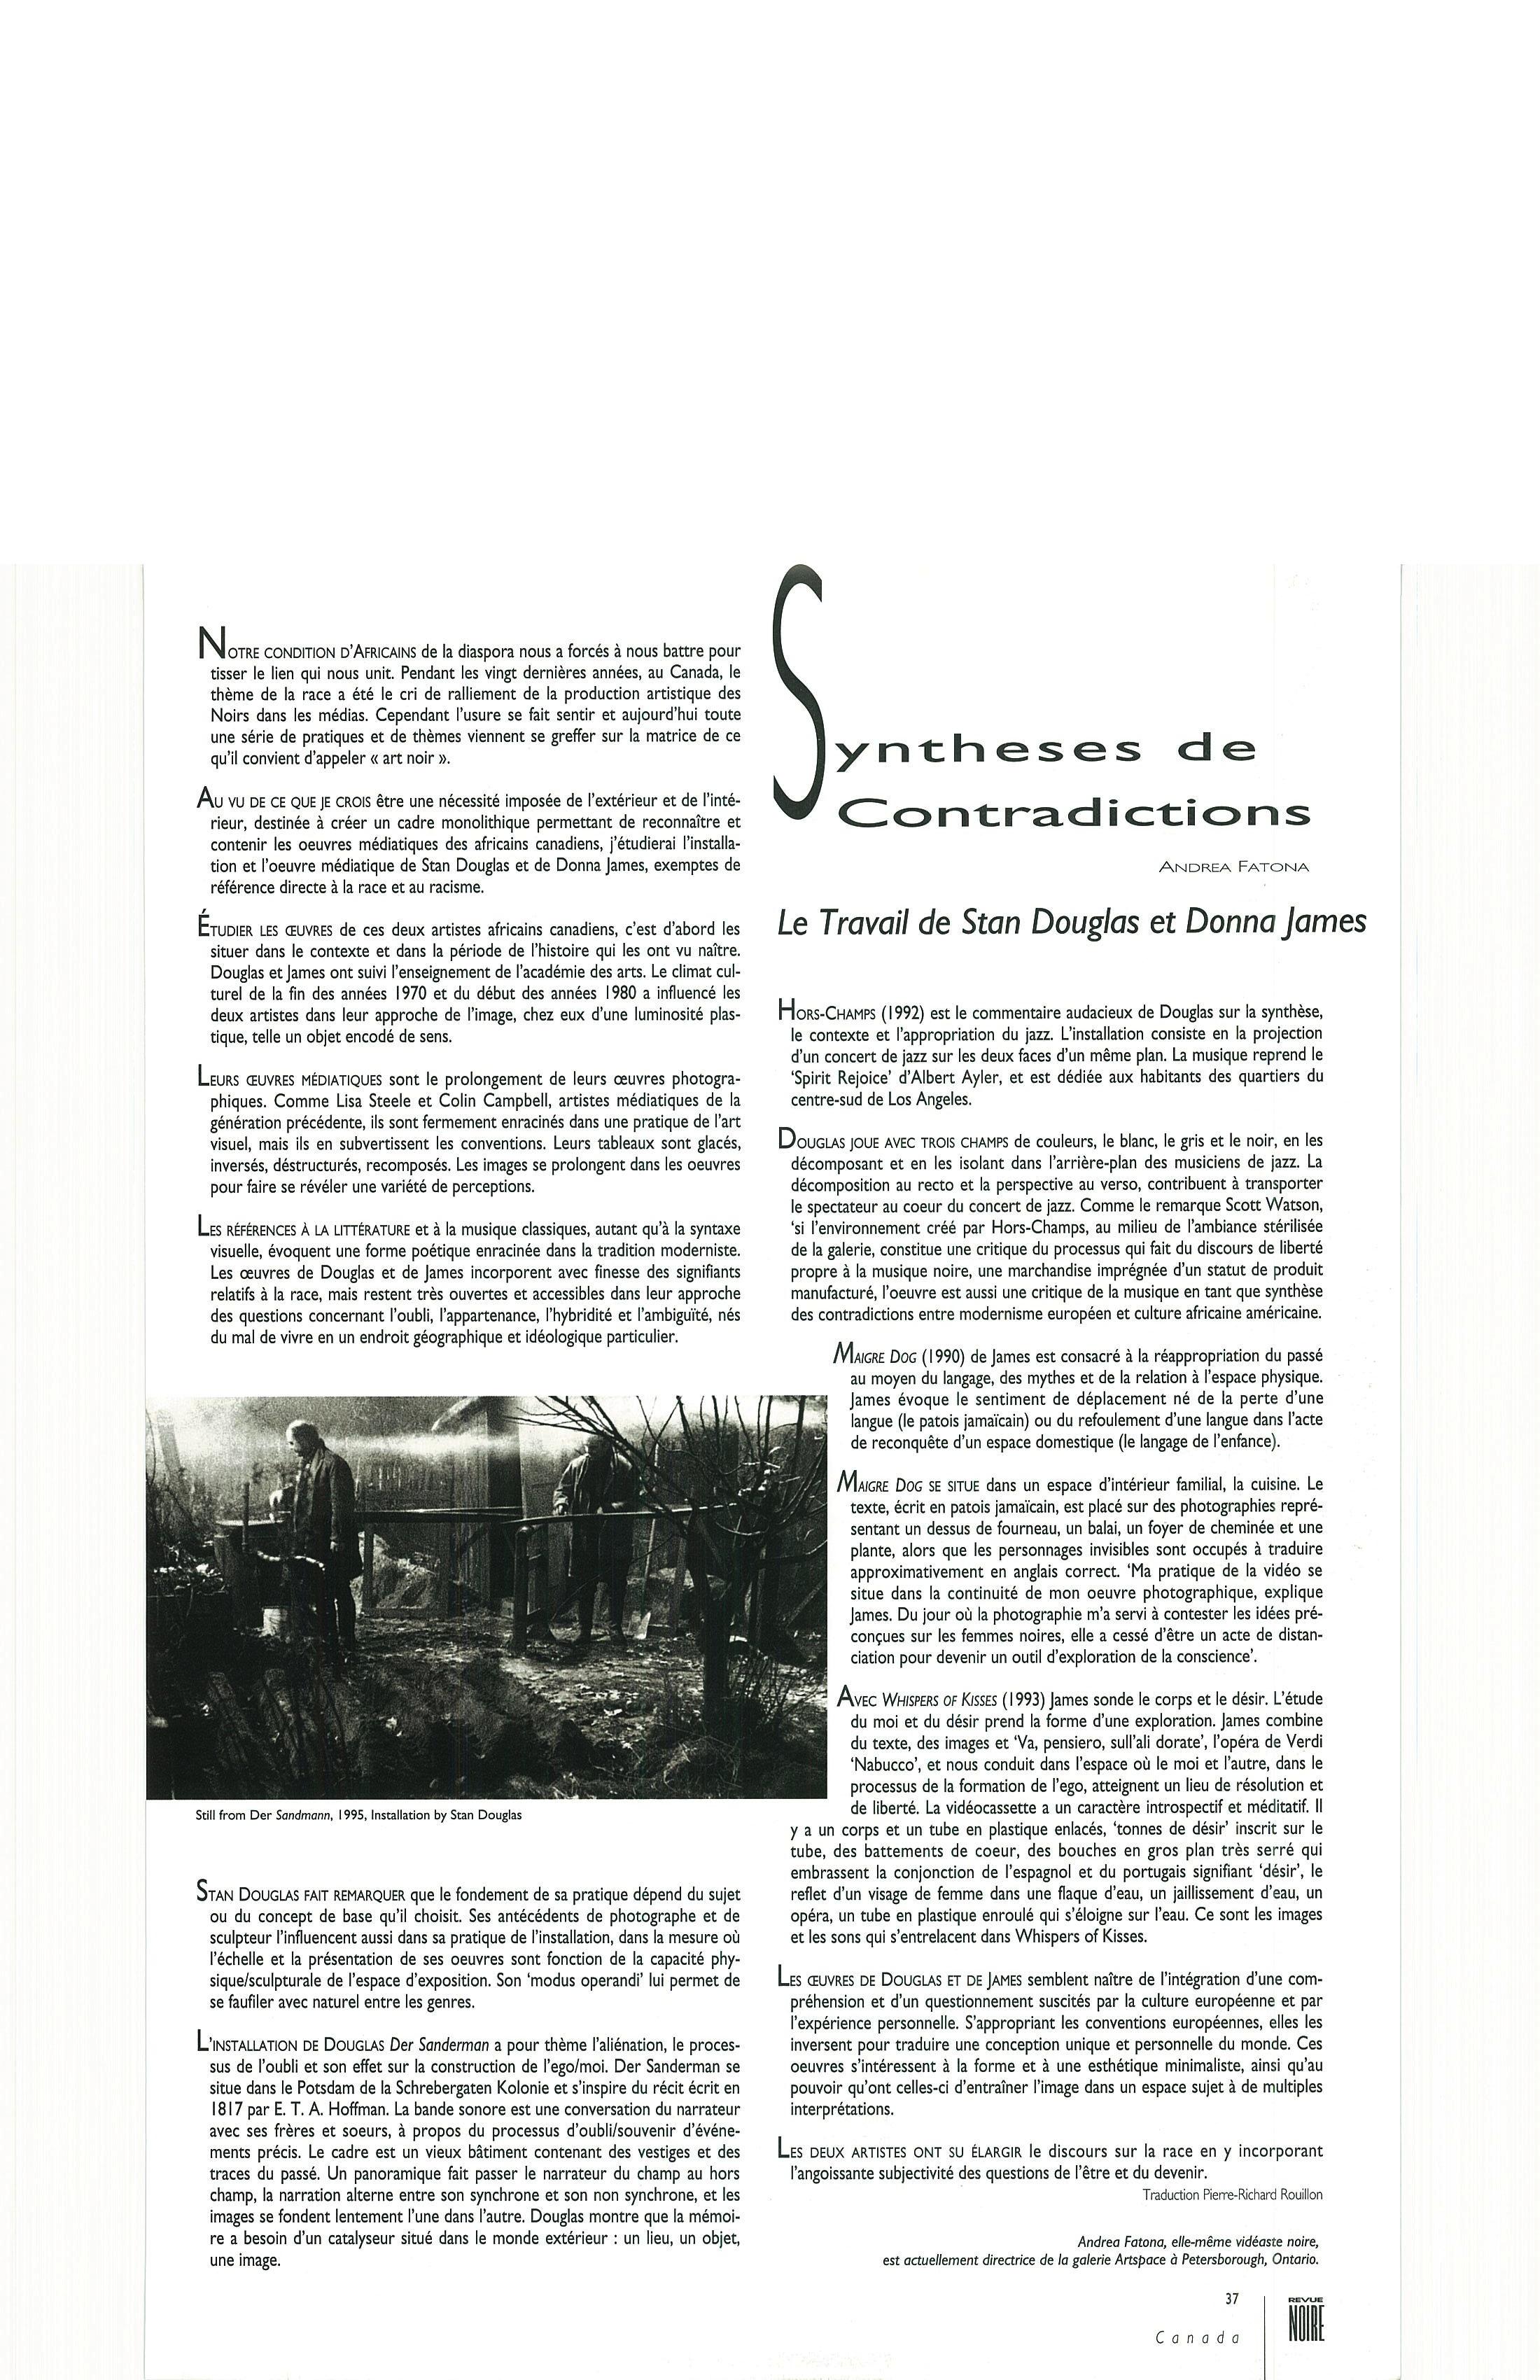 2. Revue Noire book_Page_039